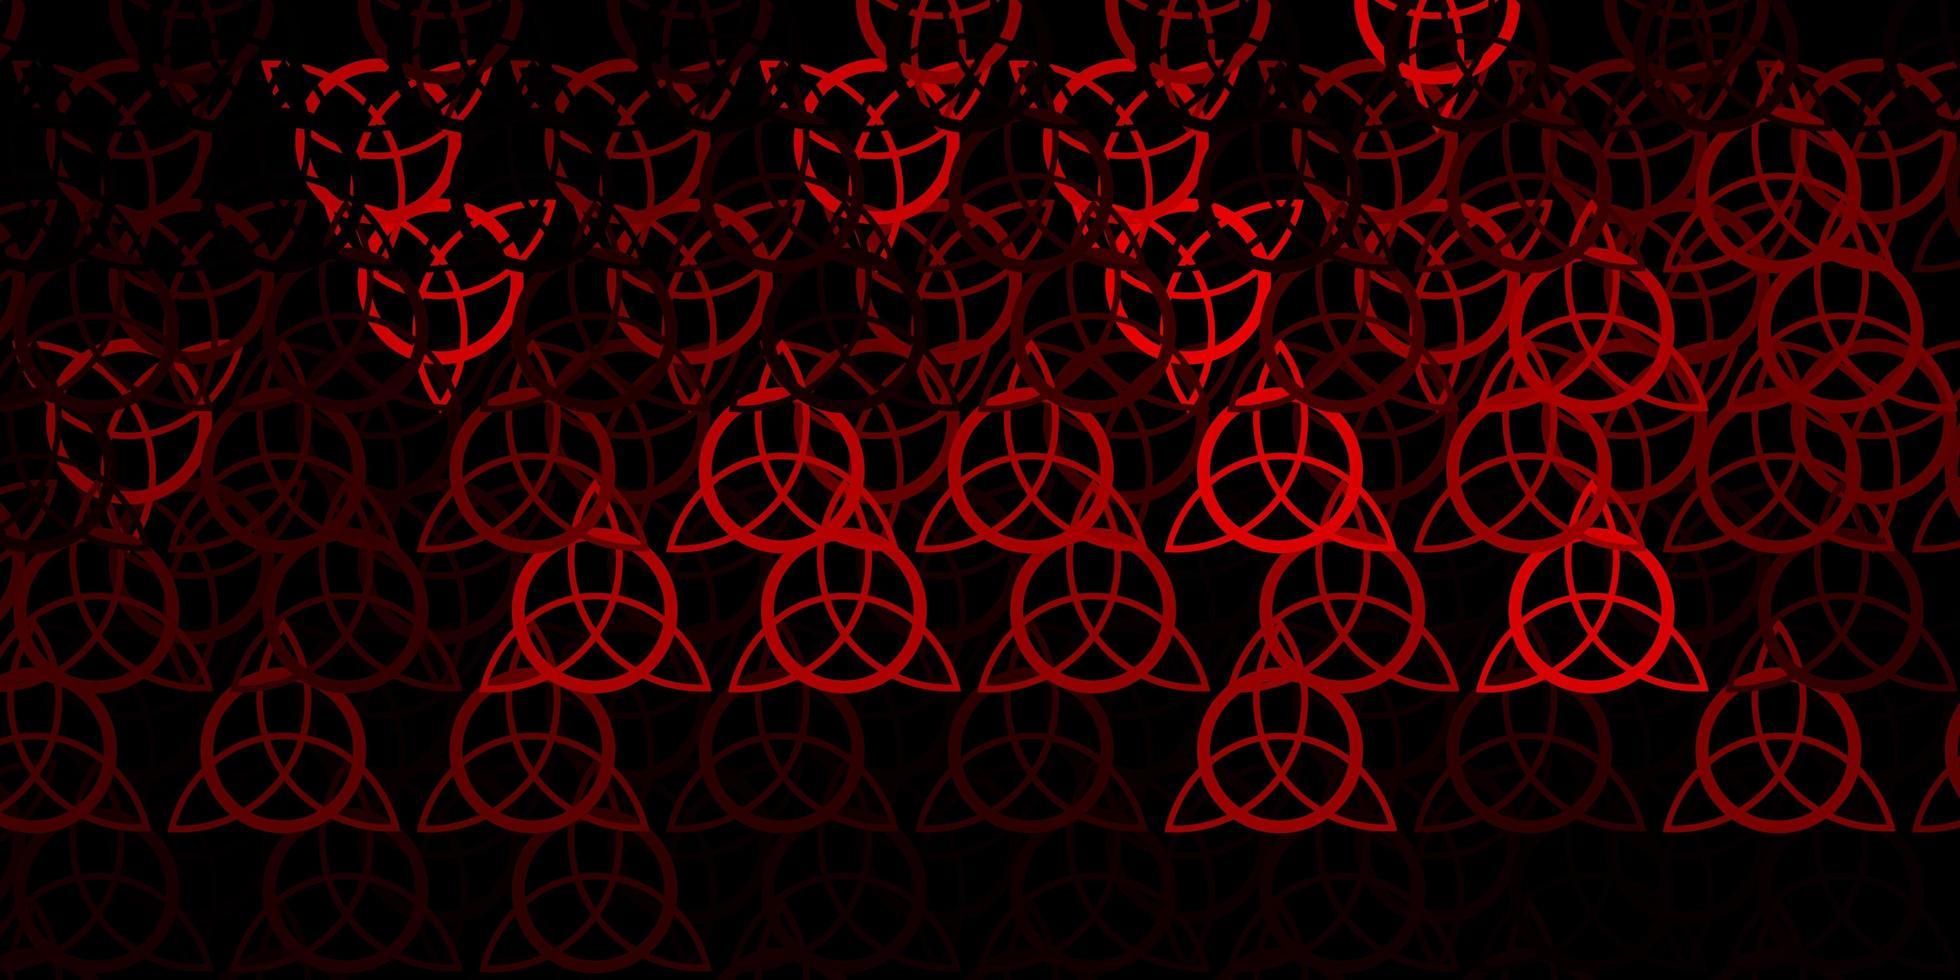 dunkelroter Vektorhintergrund mit okkulten Symbolen. vektor